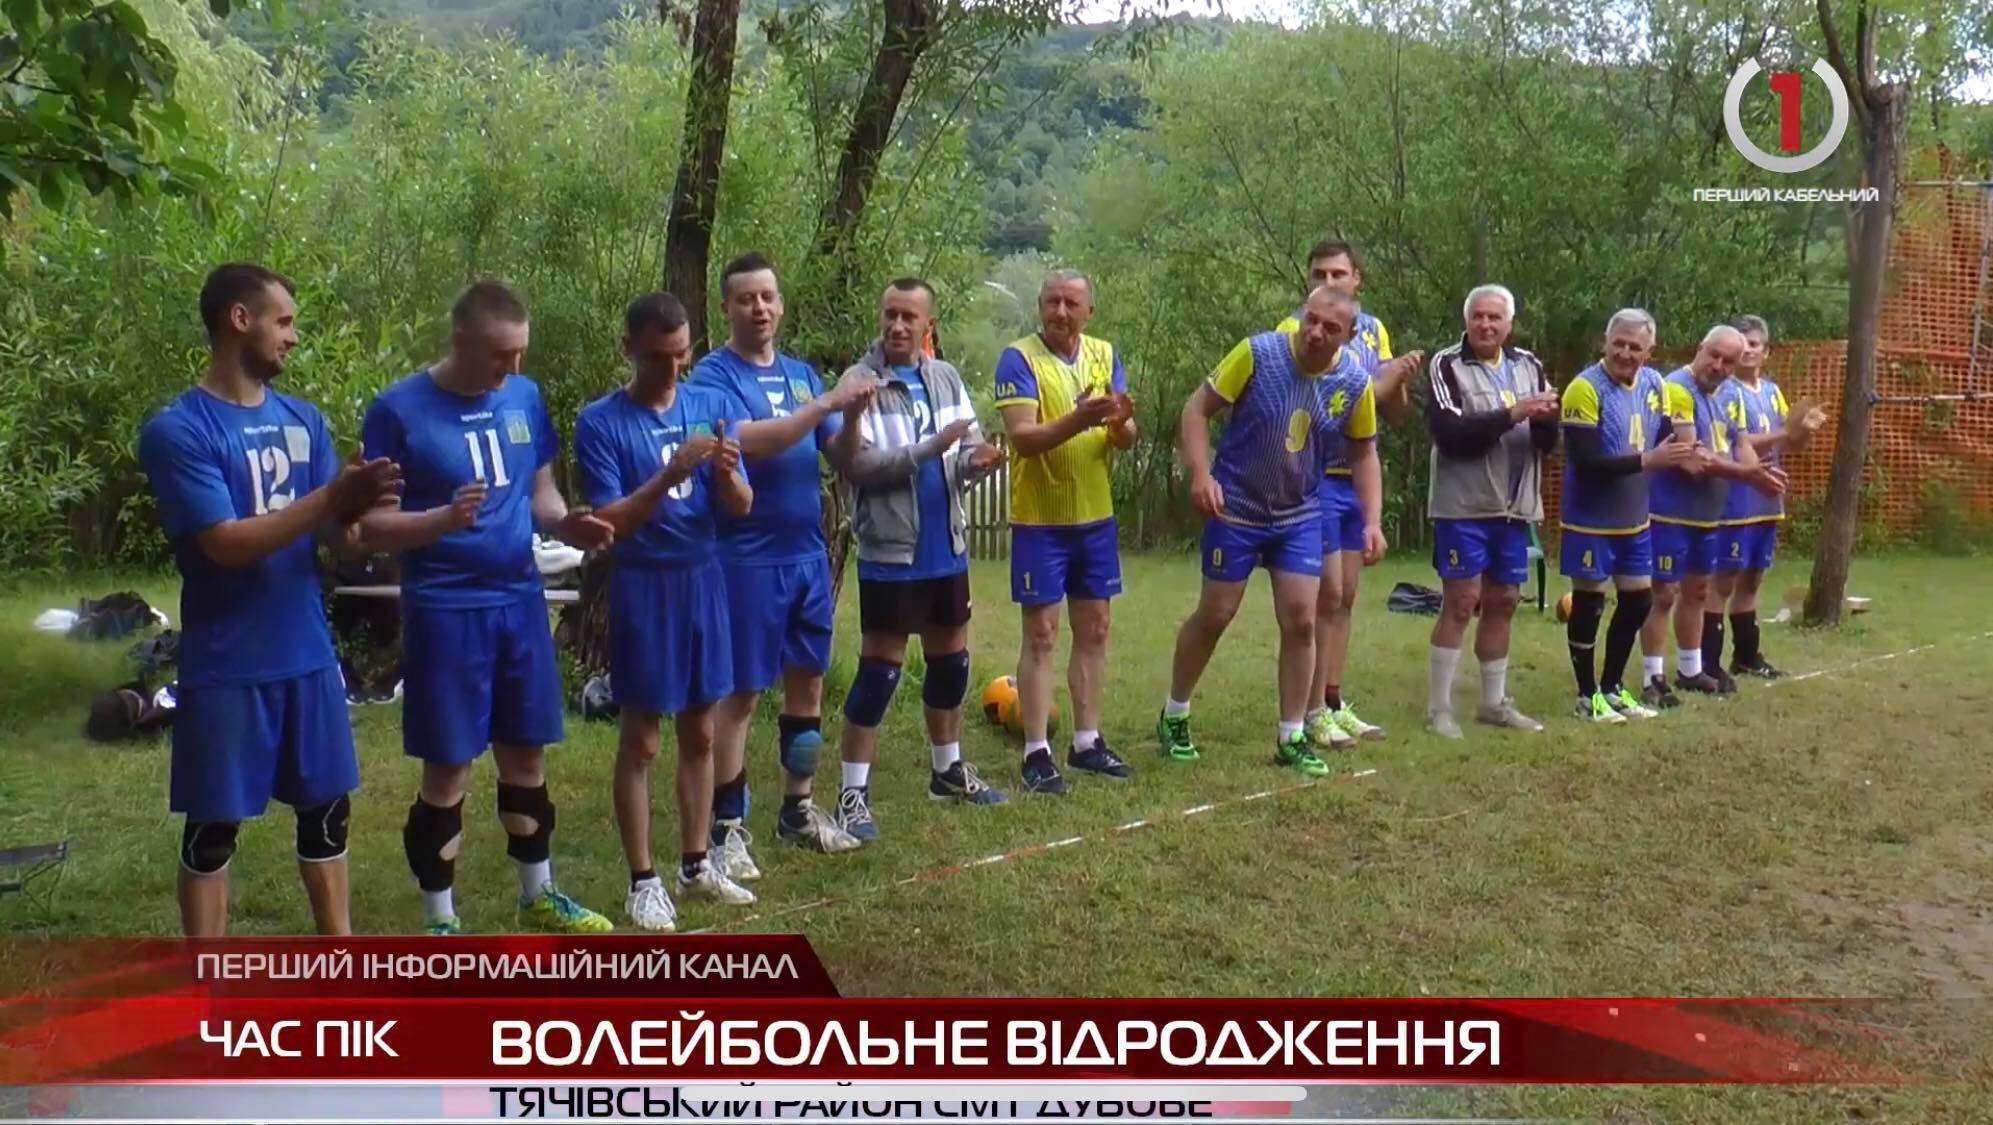 Кубок Тересвянської долини: на Тячівщині відбувся волейбольний турнір (ВІДЕО)